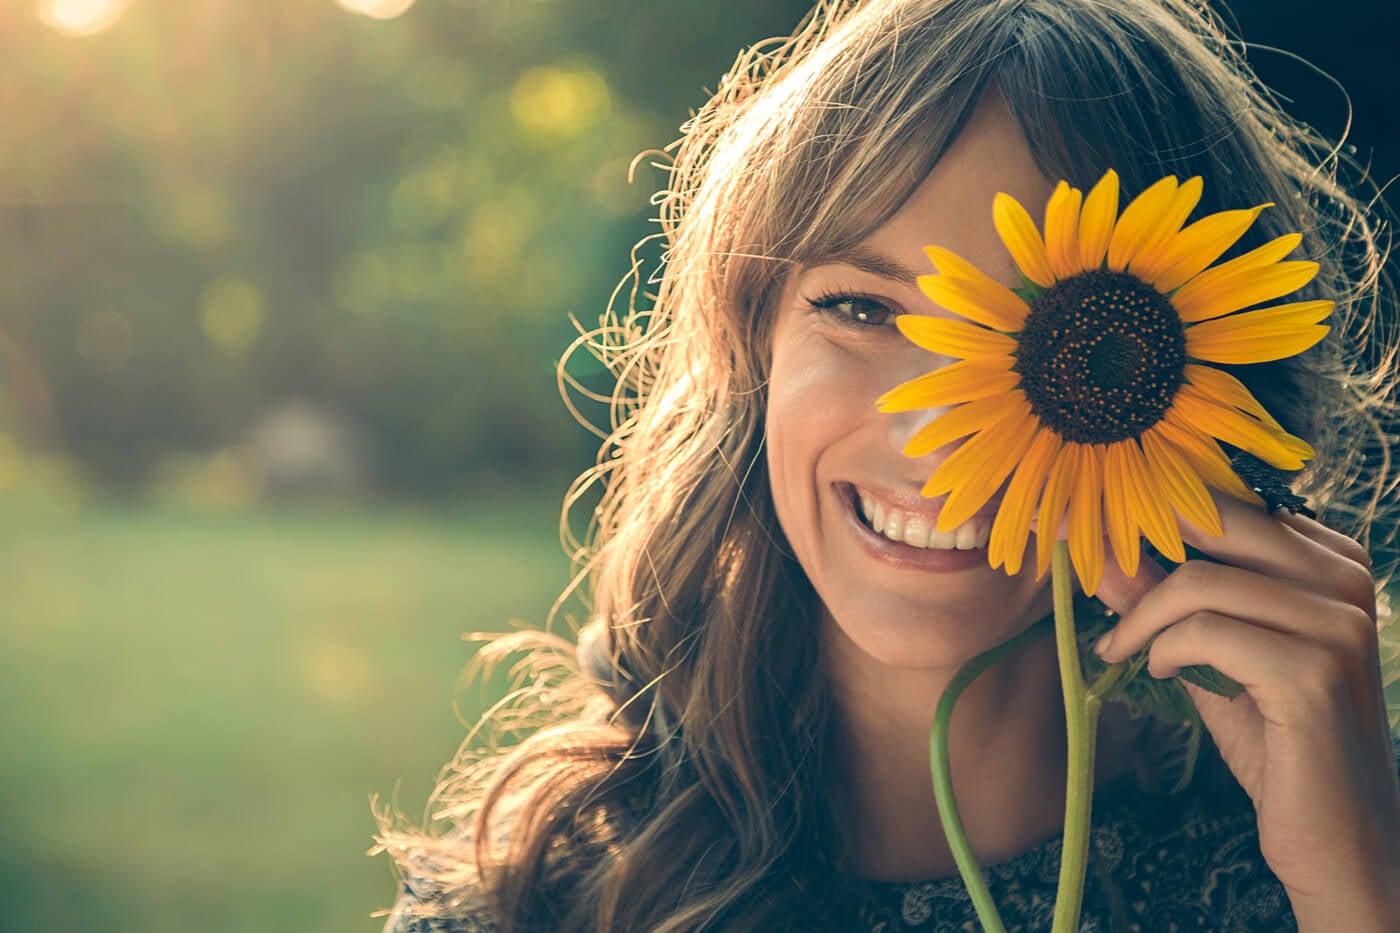 chica sonriendo girasol